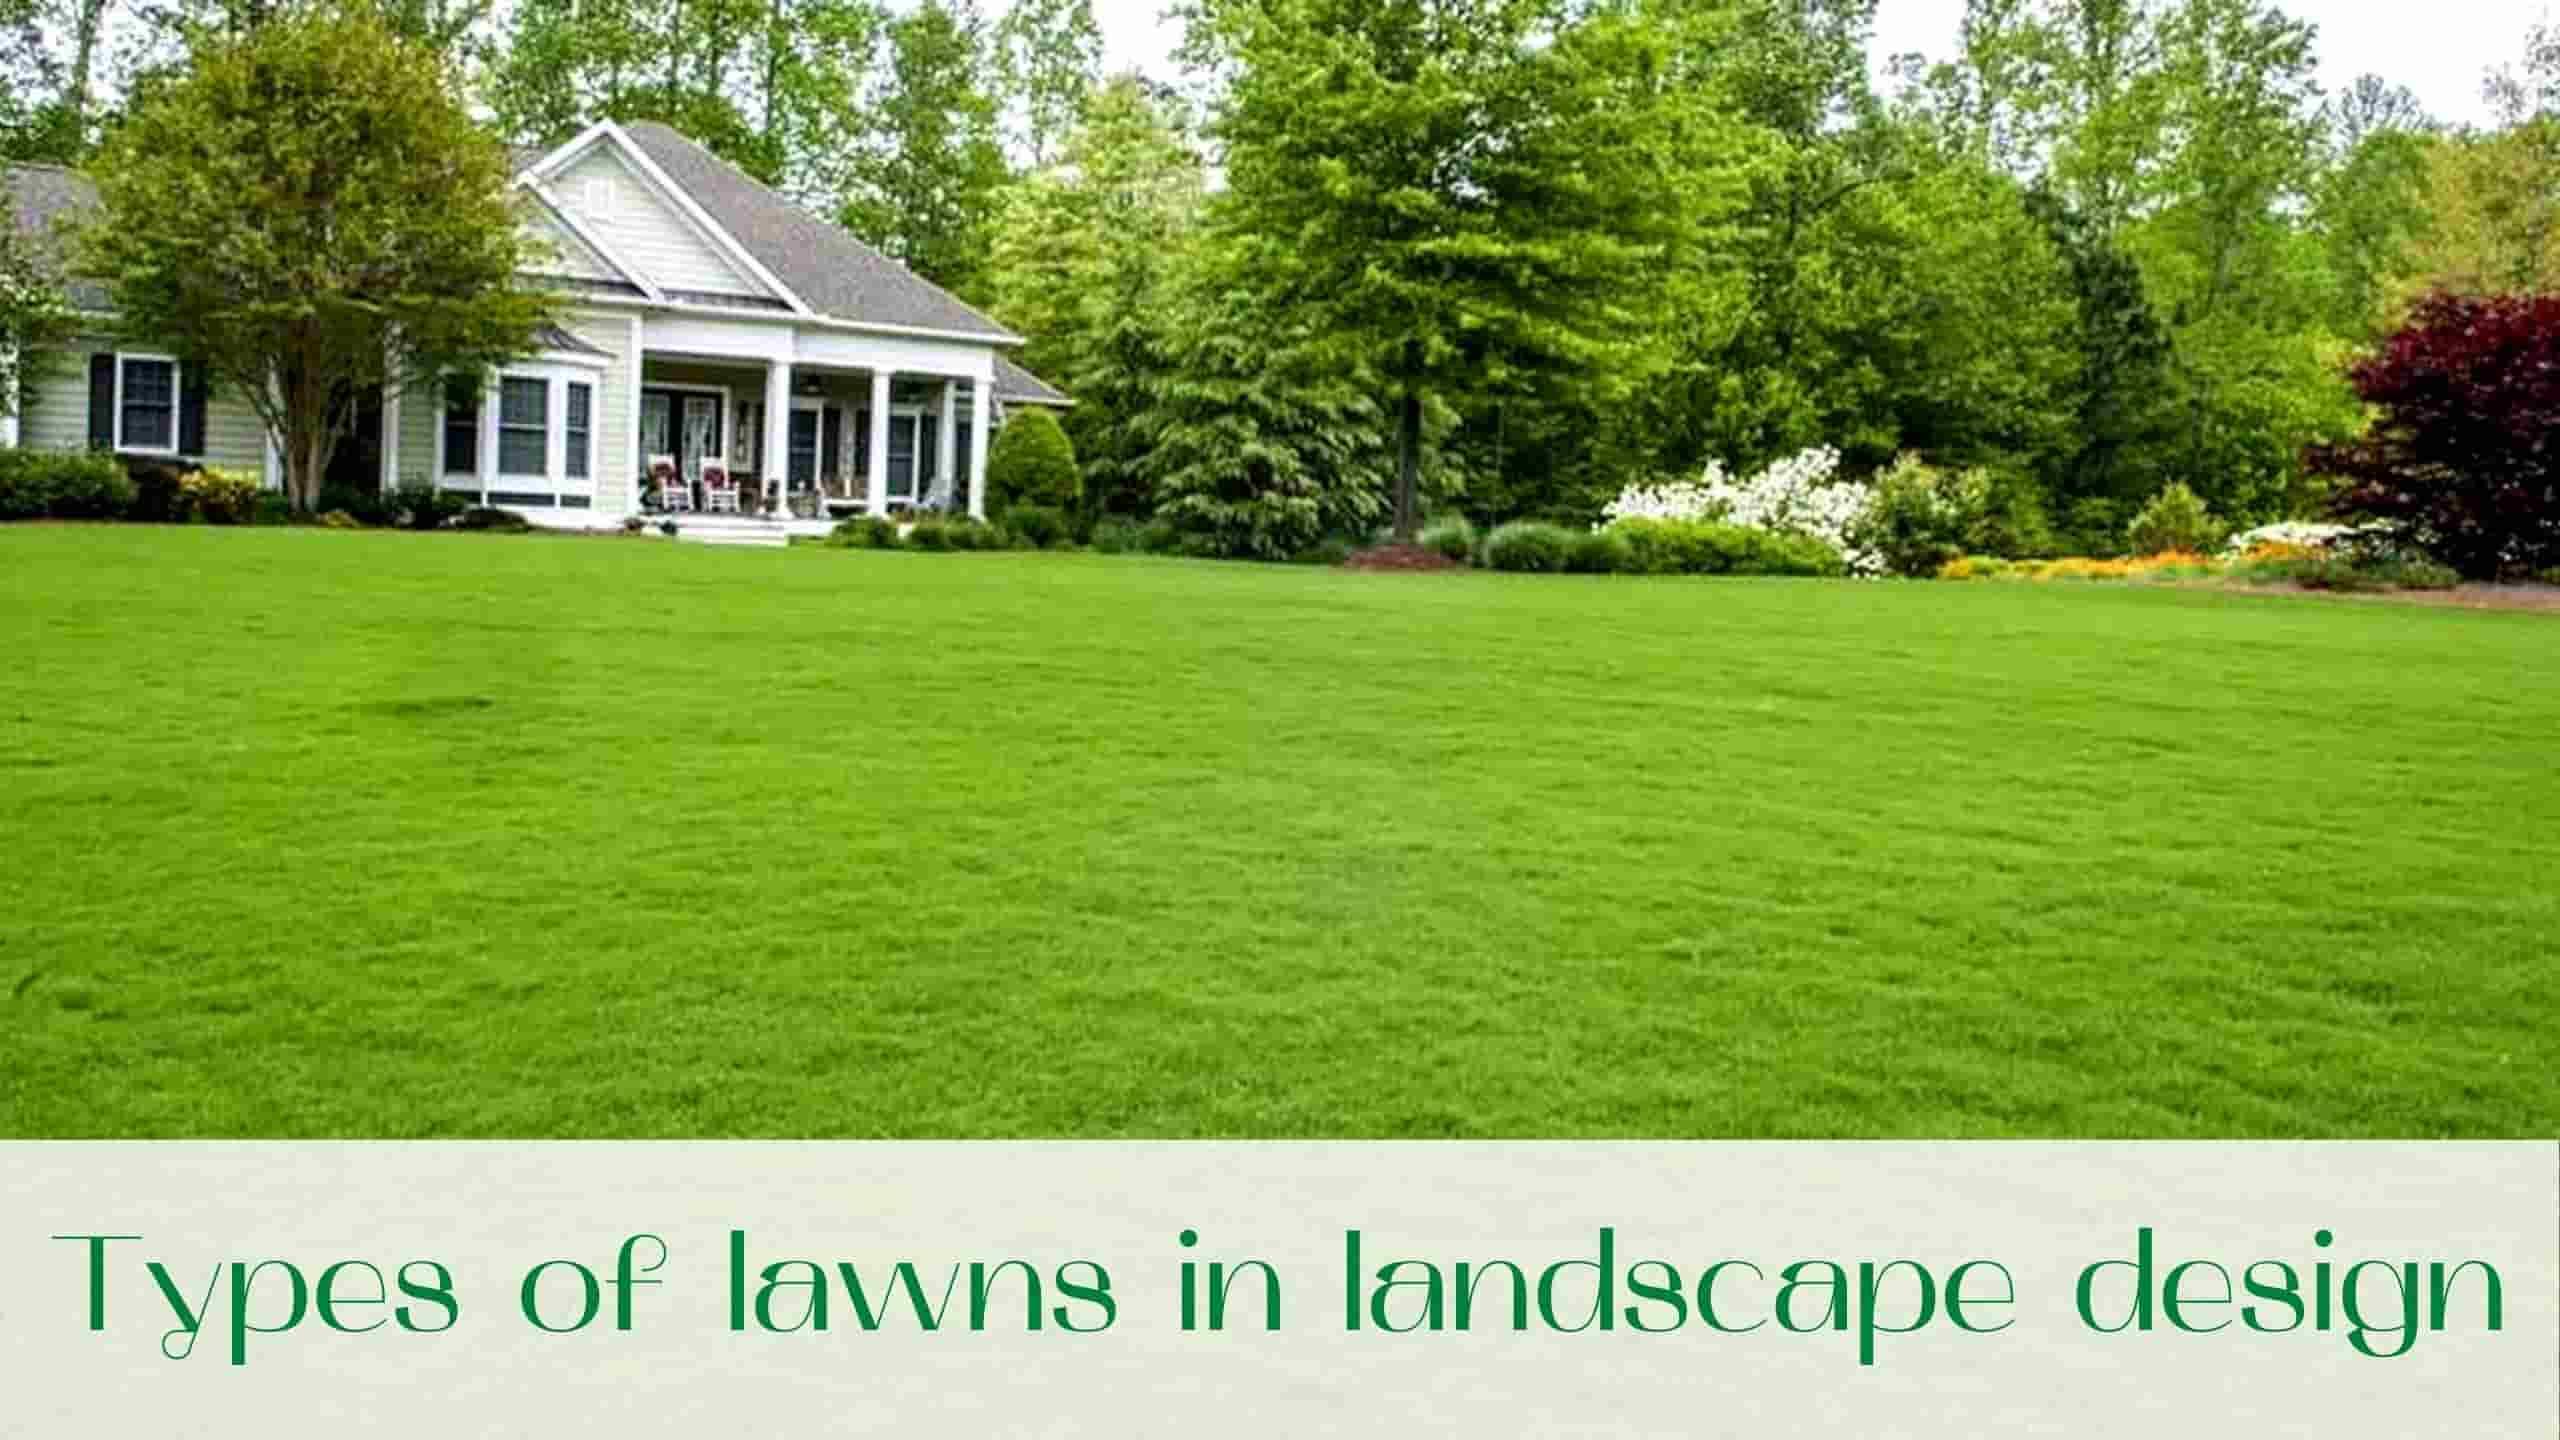 image-lawns-in-landscape-design